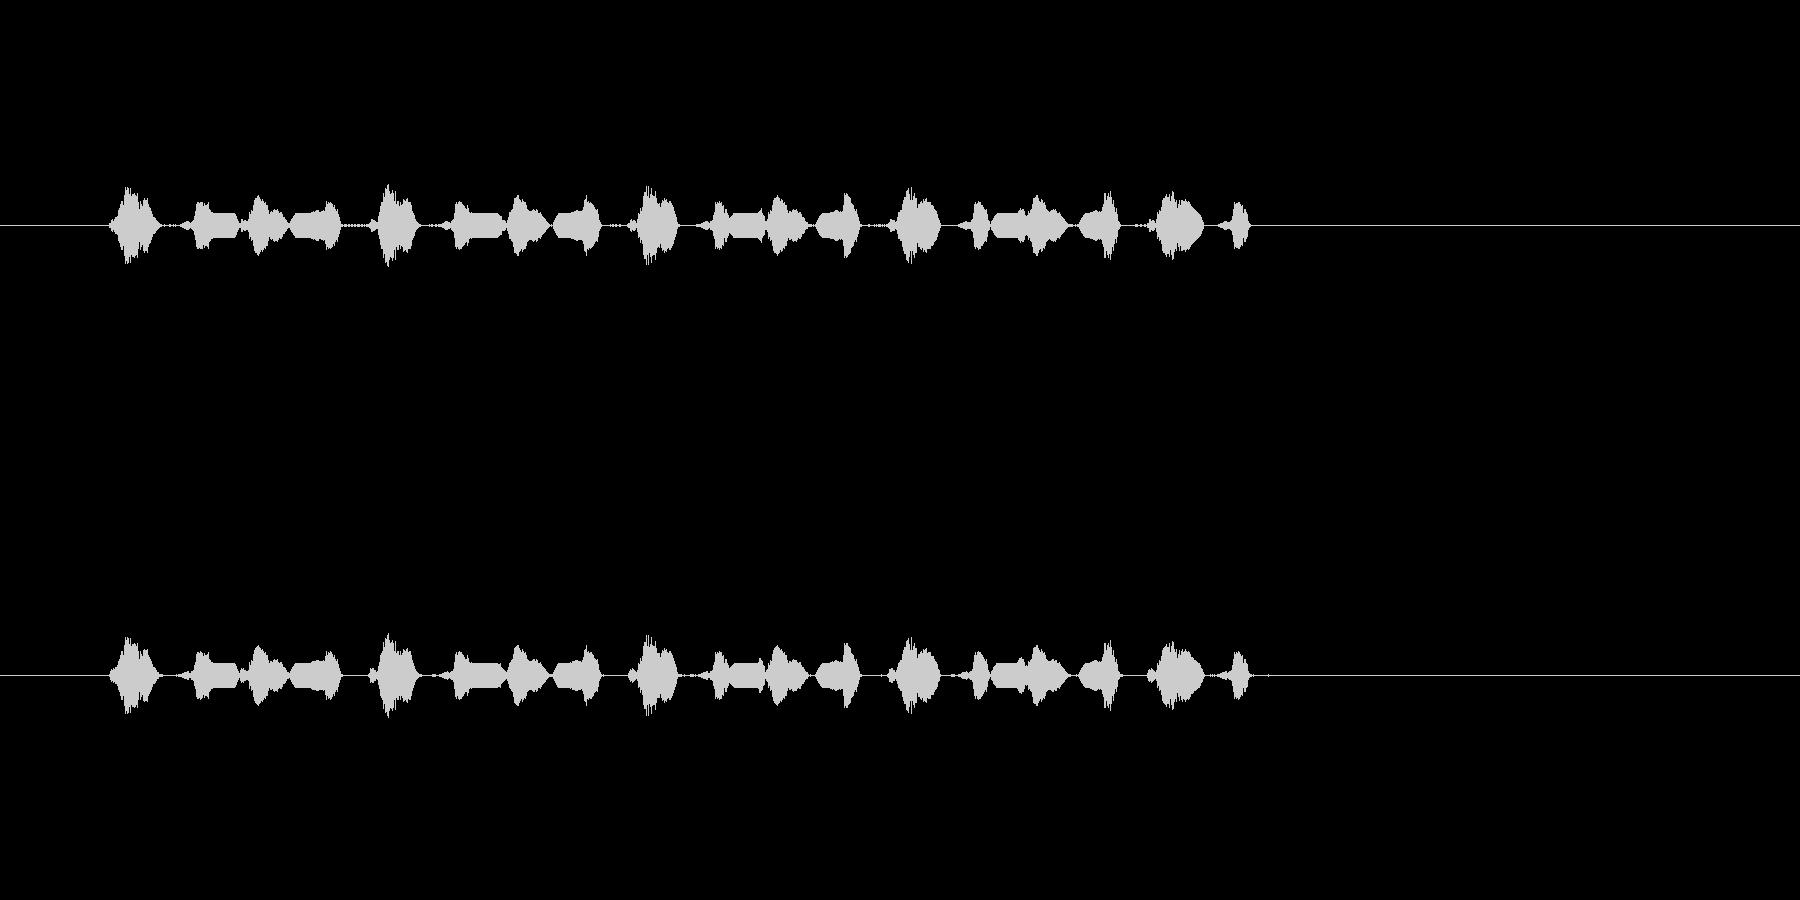 【サイバー20-2】の未再生の波形